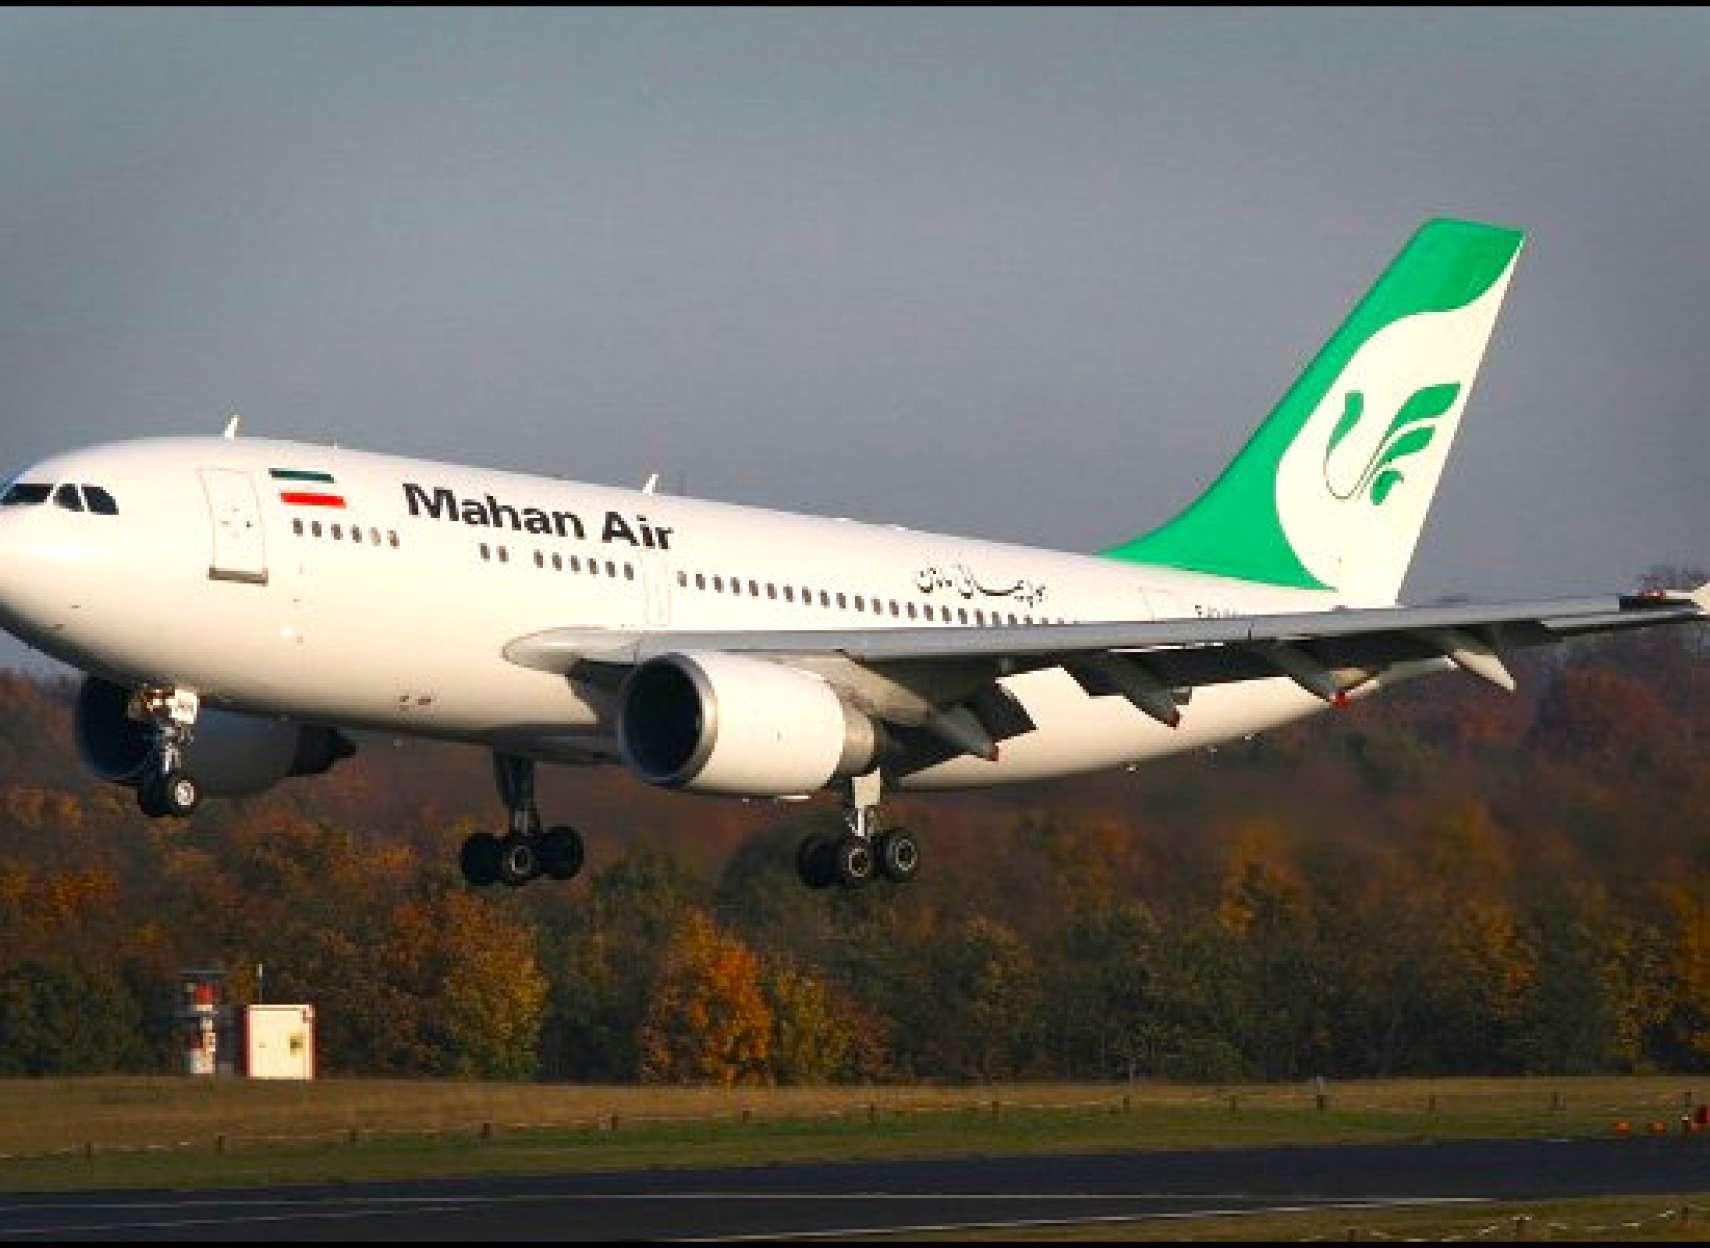 آخرین-اخبار-از-رودرویی-هواپیما-مسافربری-ایران-با-جنگنده-آمریکا-ایران-شکایت-میکنیم- آمریکا-جنگنده-ما-فاصله-امن-را-رعایت-کرده-است